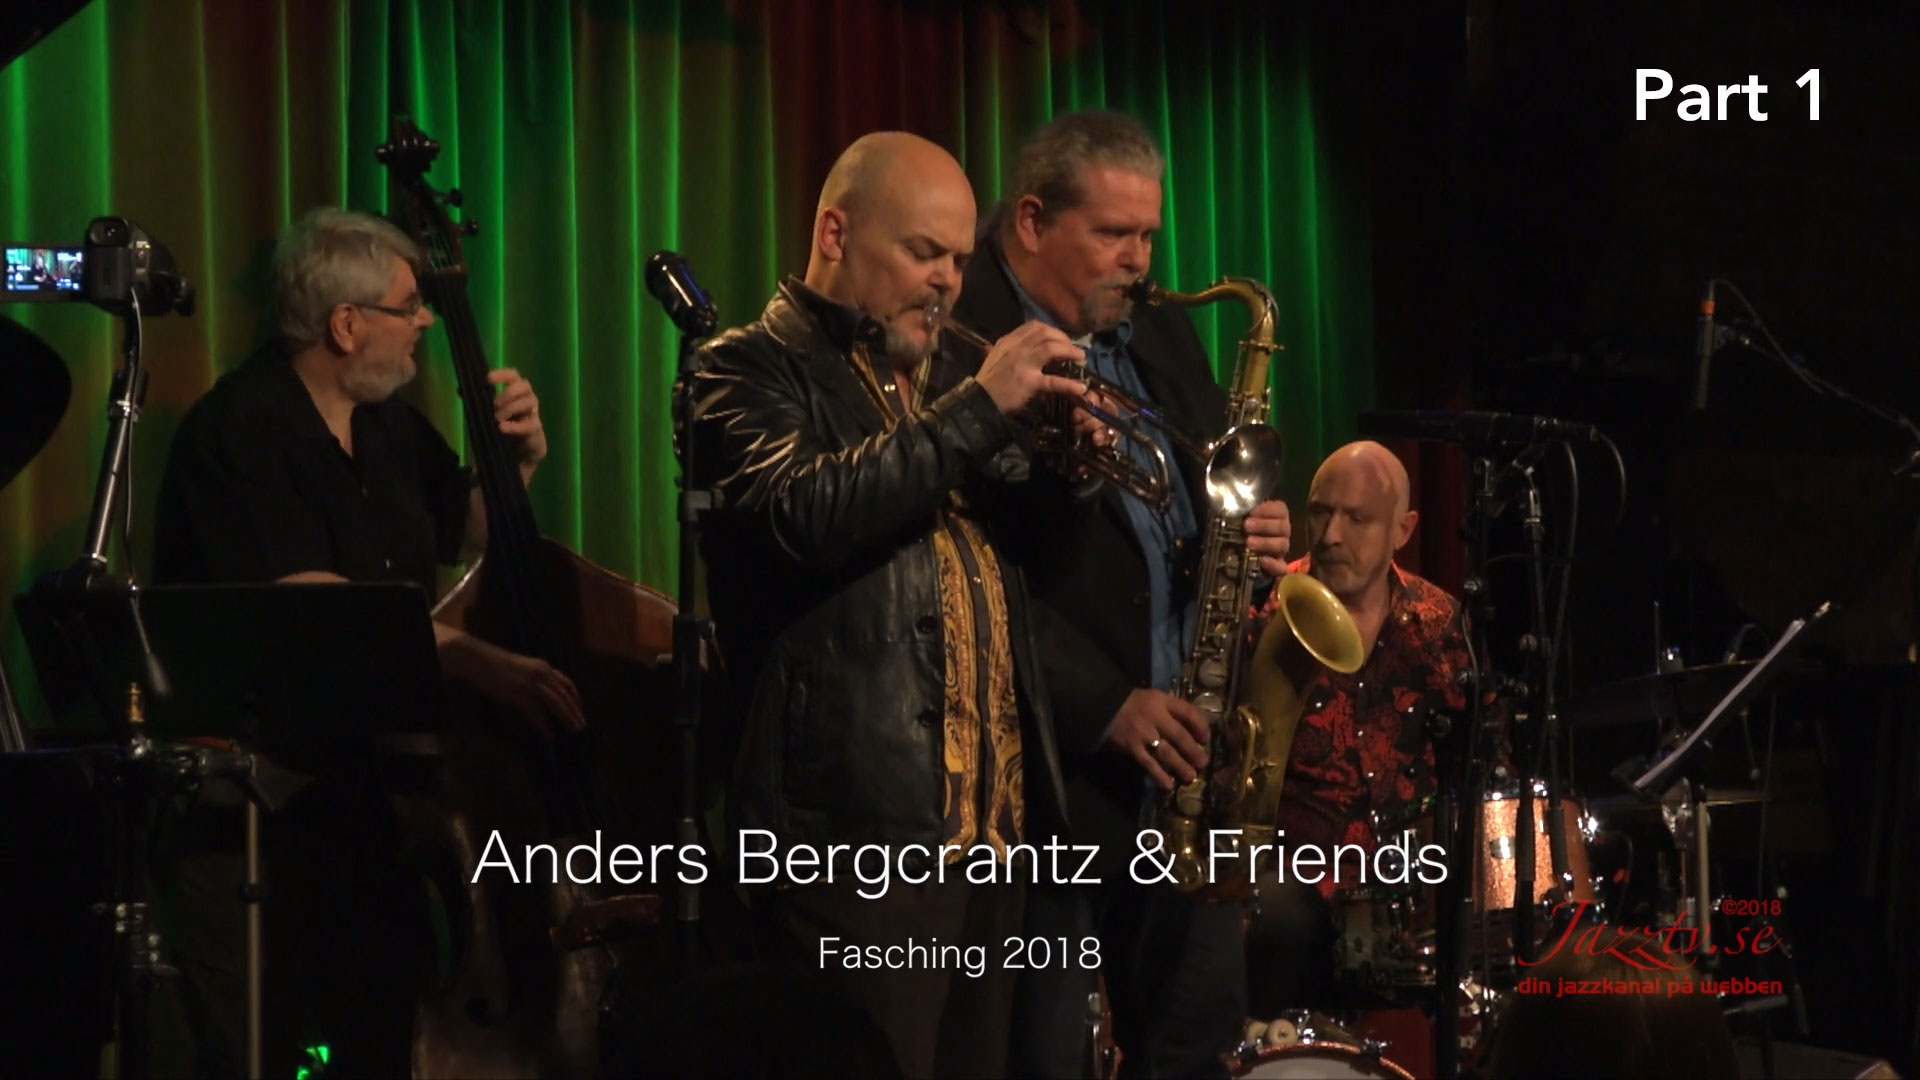 Anders Bergcrantz & Friends